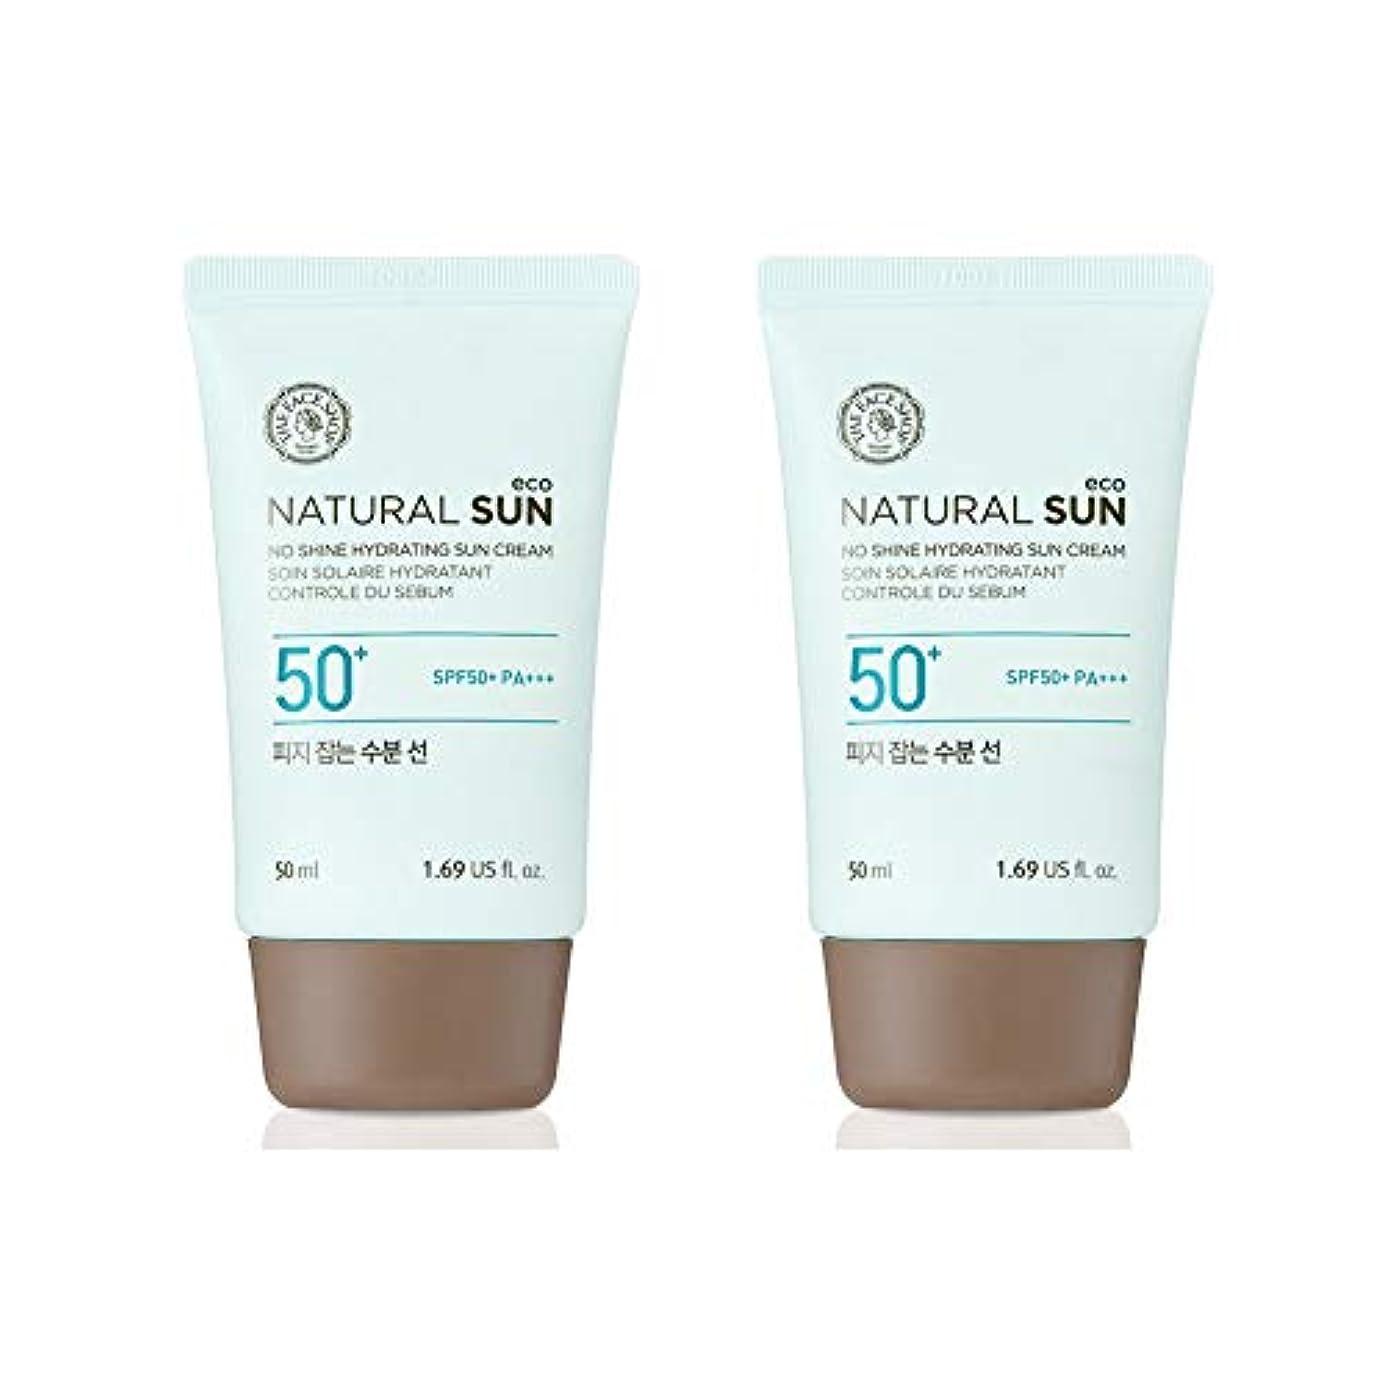 ザ?フェイスショップネチュロルソンエコフィジーサン?クリームSPF50+PA+++50ml x 2本セット韓国コスメ、The Face Shop Natural Sun Eco No Shine Hydrating Sun...